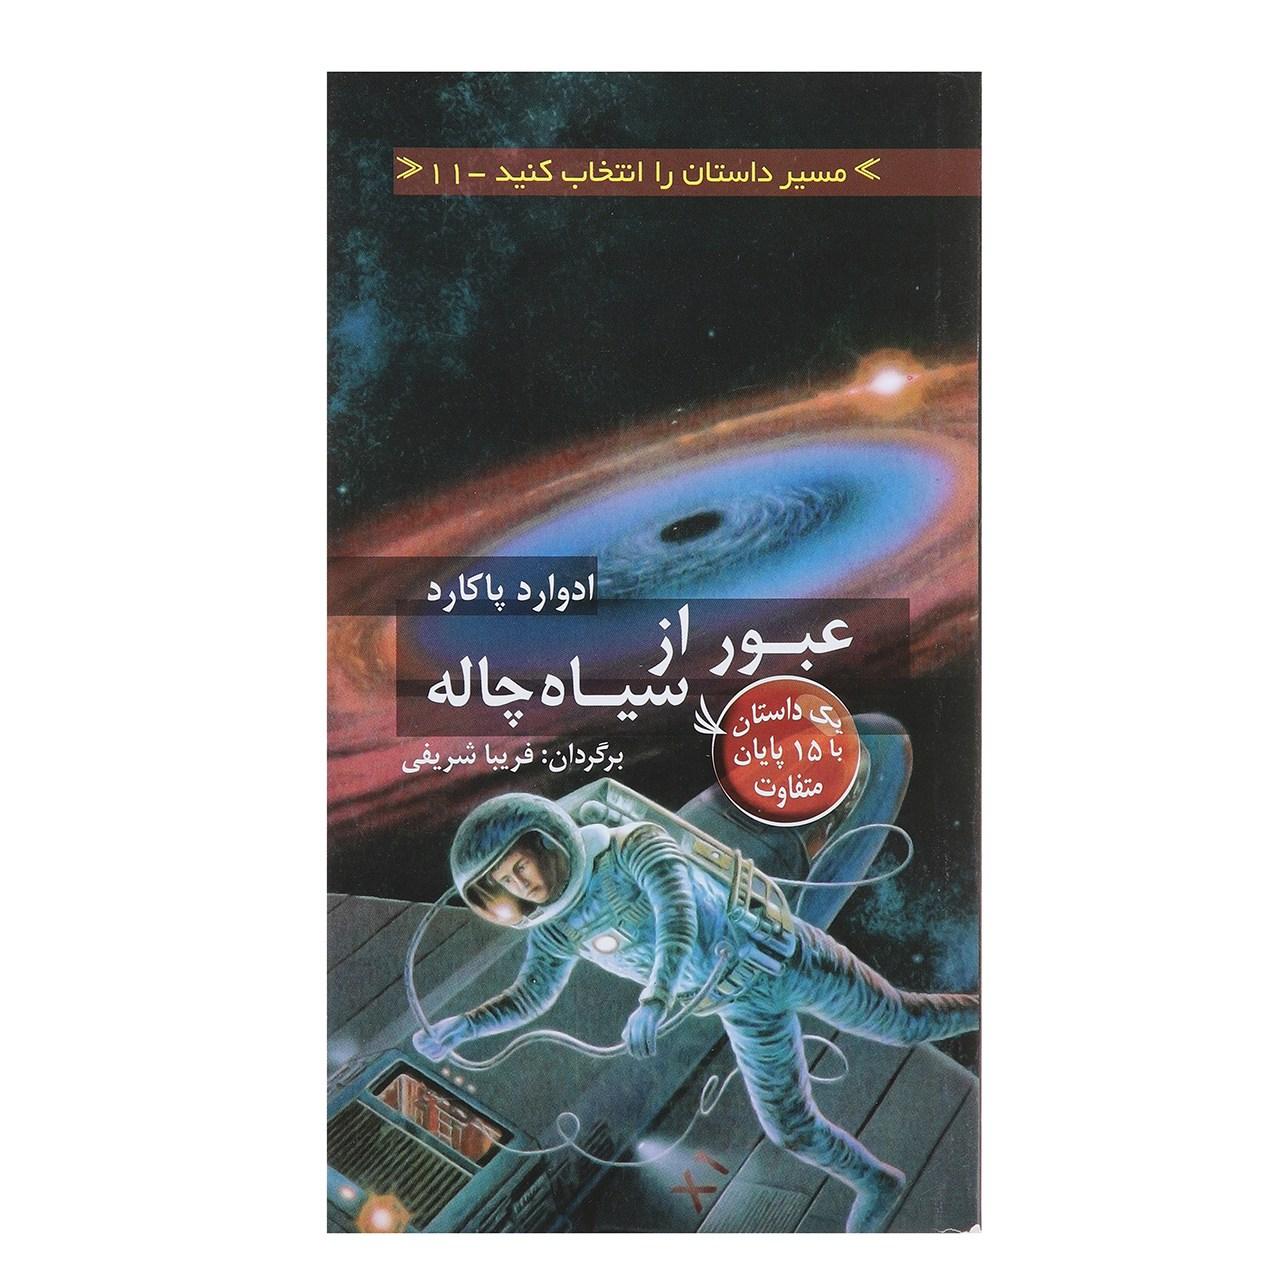 کتاب عبوراز سیاه چاله اثر ادوارد پاکارد